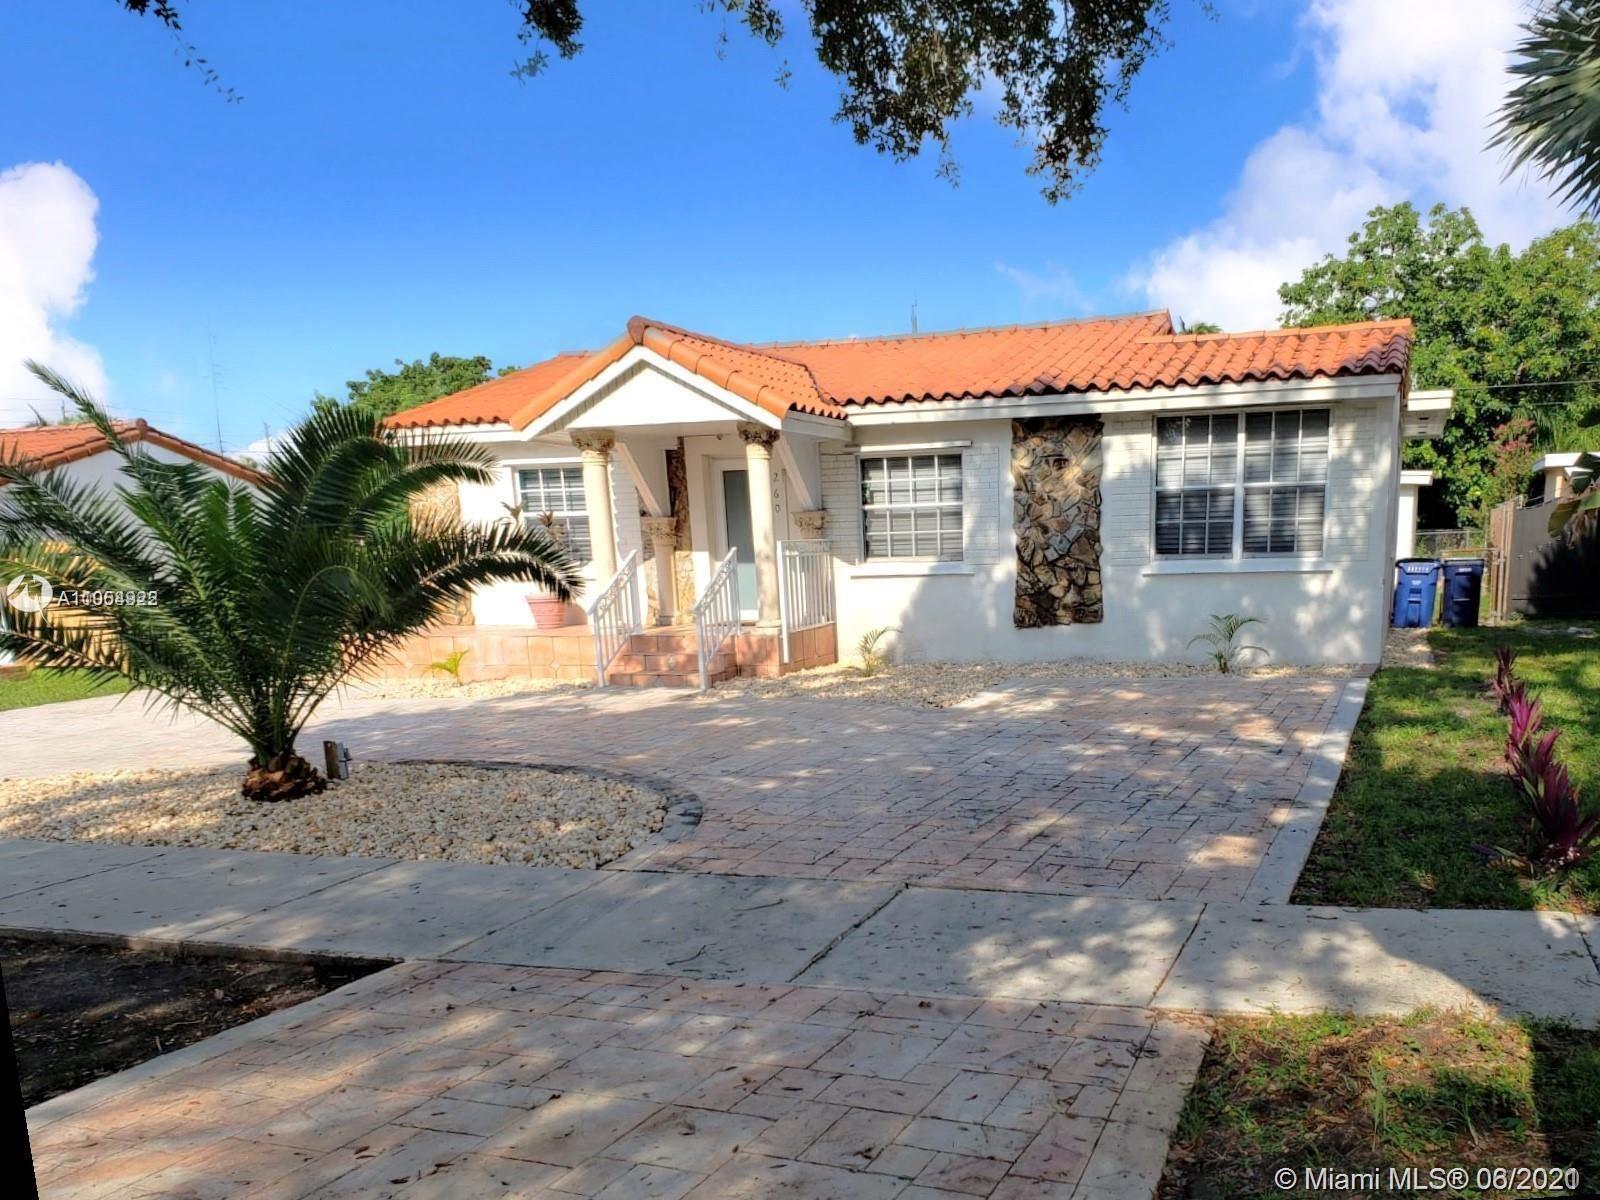 260 Springs Ave, Miami Springs, FL 33166 - #: A11054922